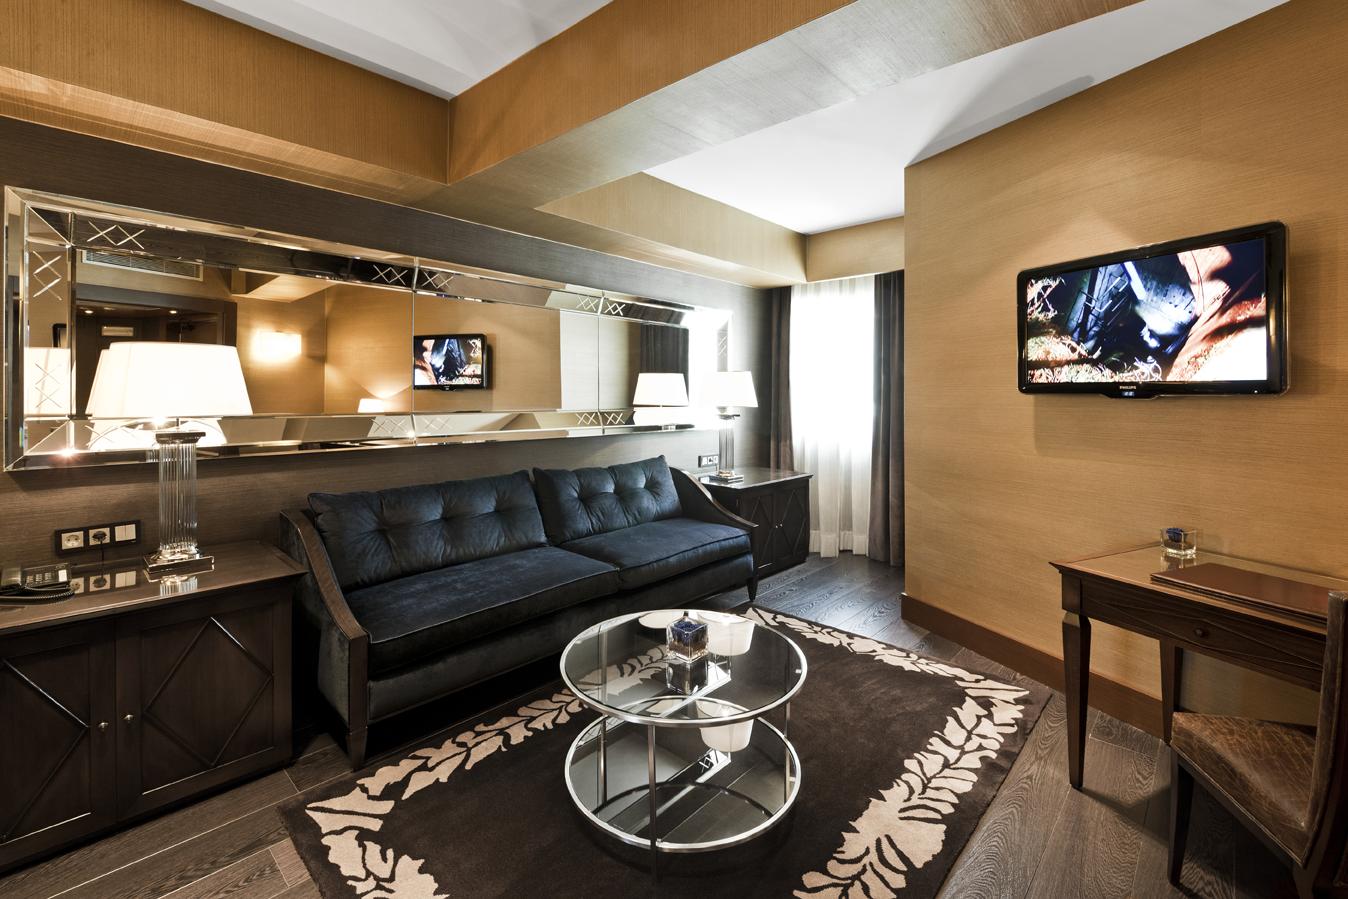 Fotos hotel claridge madrid 44